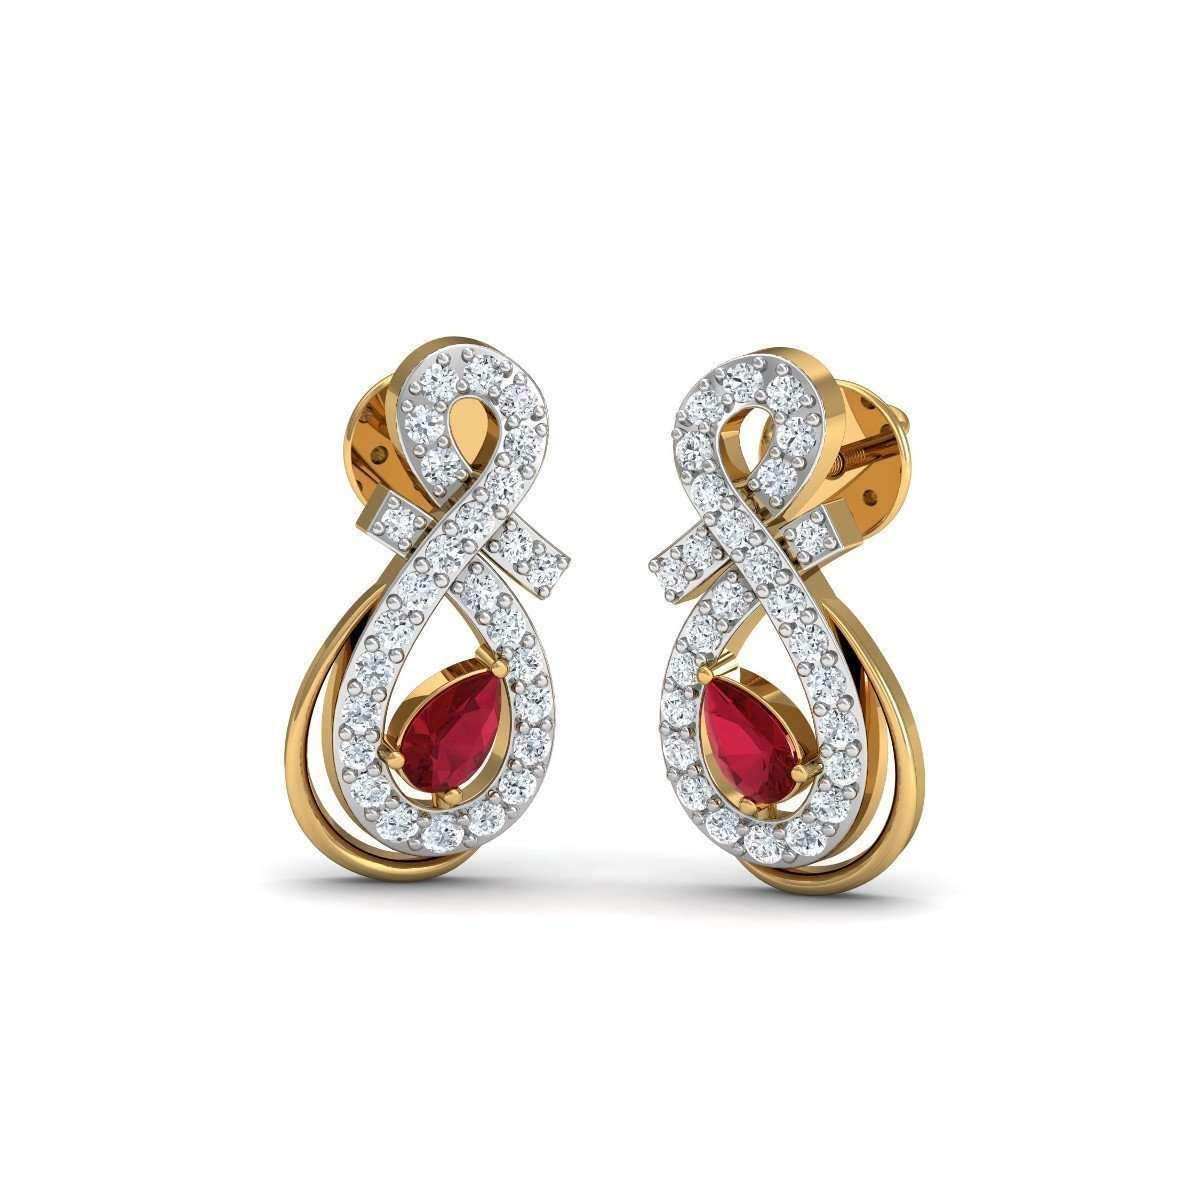 Diamoire Jewels Butterfly Diamond Earrings in 18kt Yellow Gold WWCuD